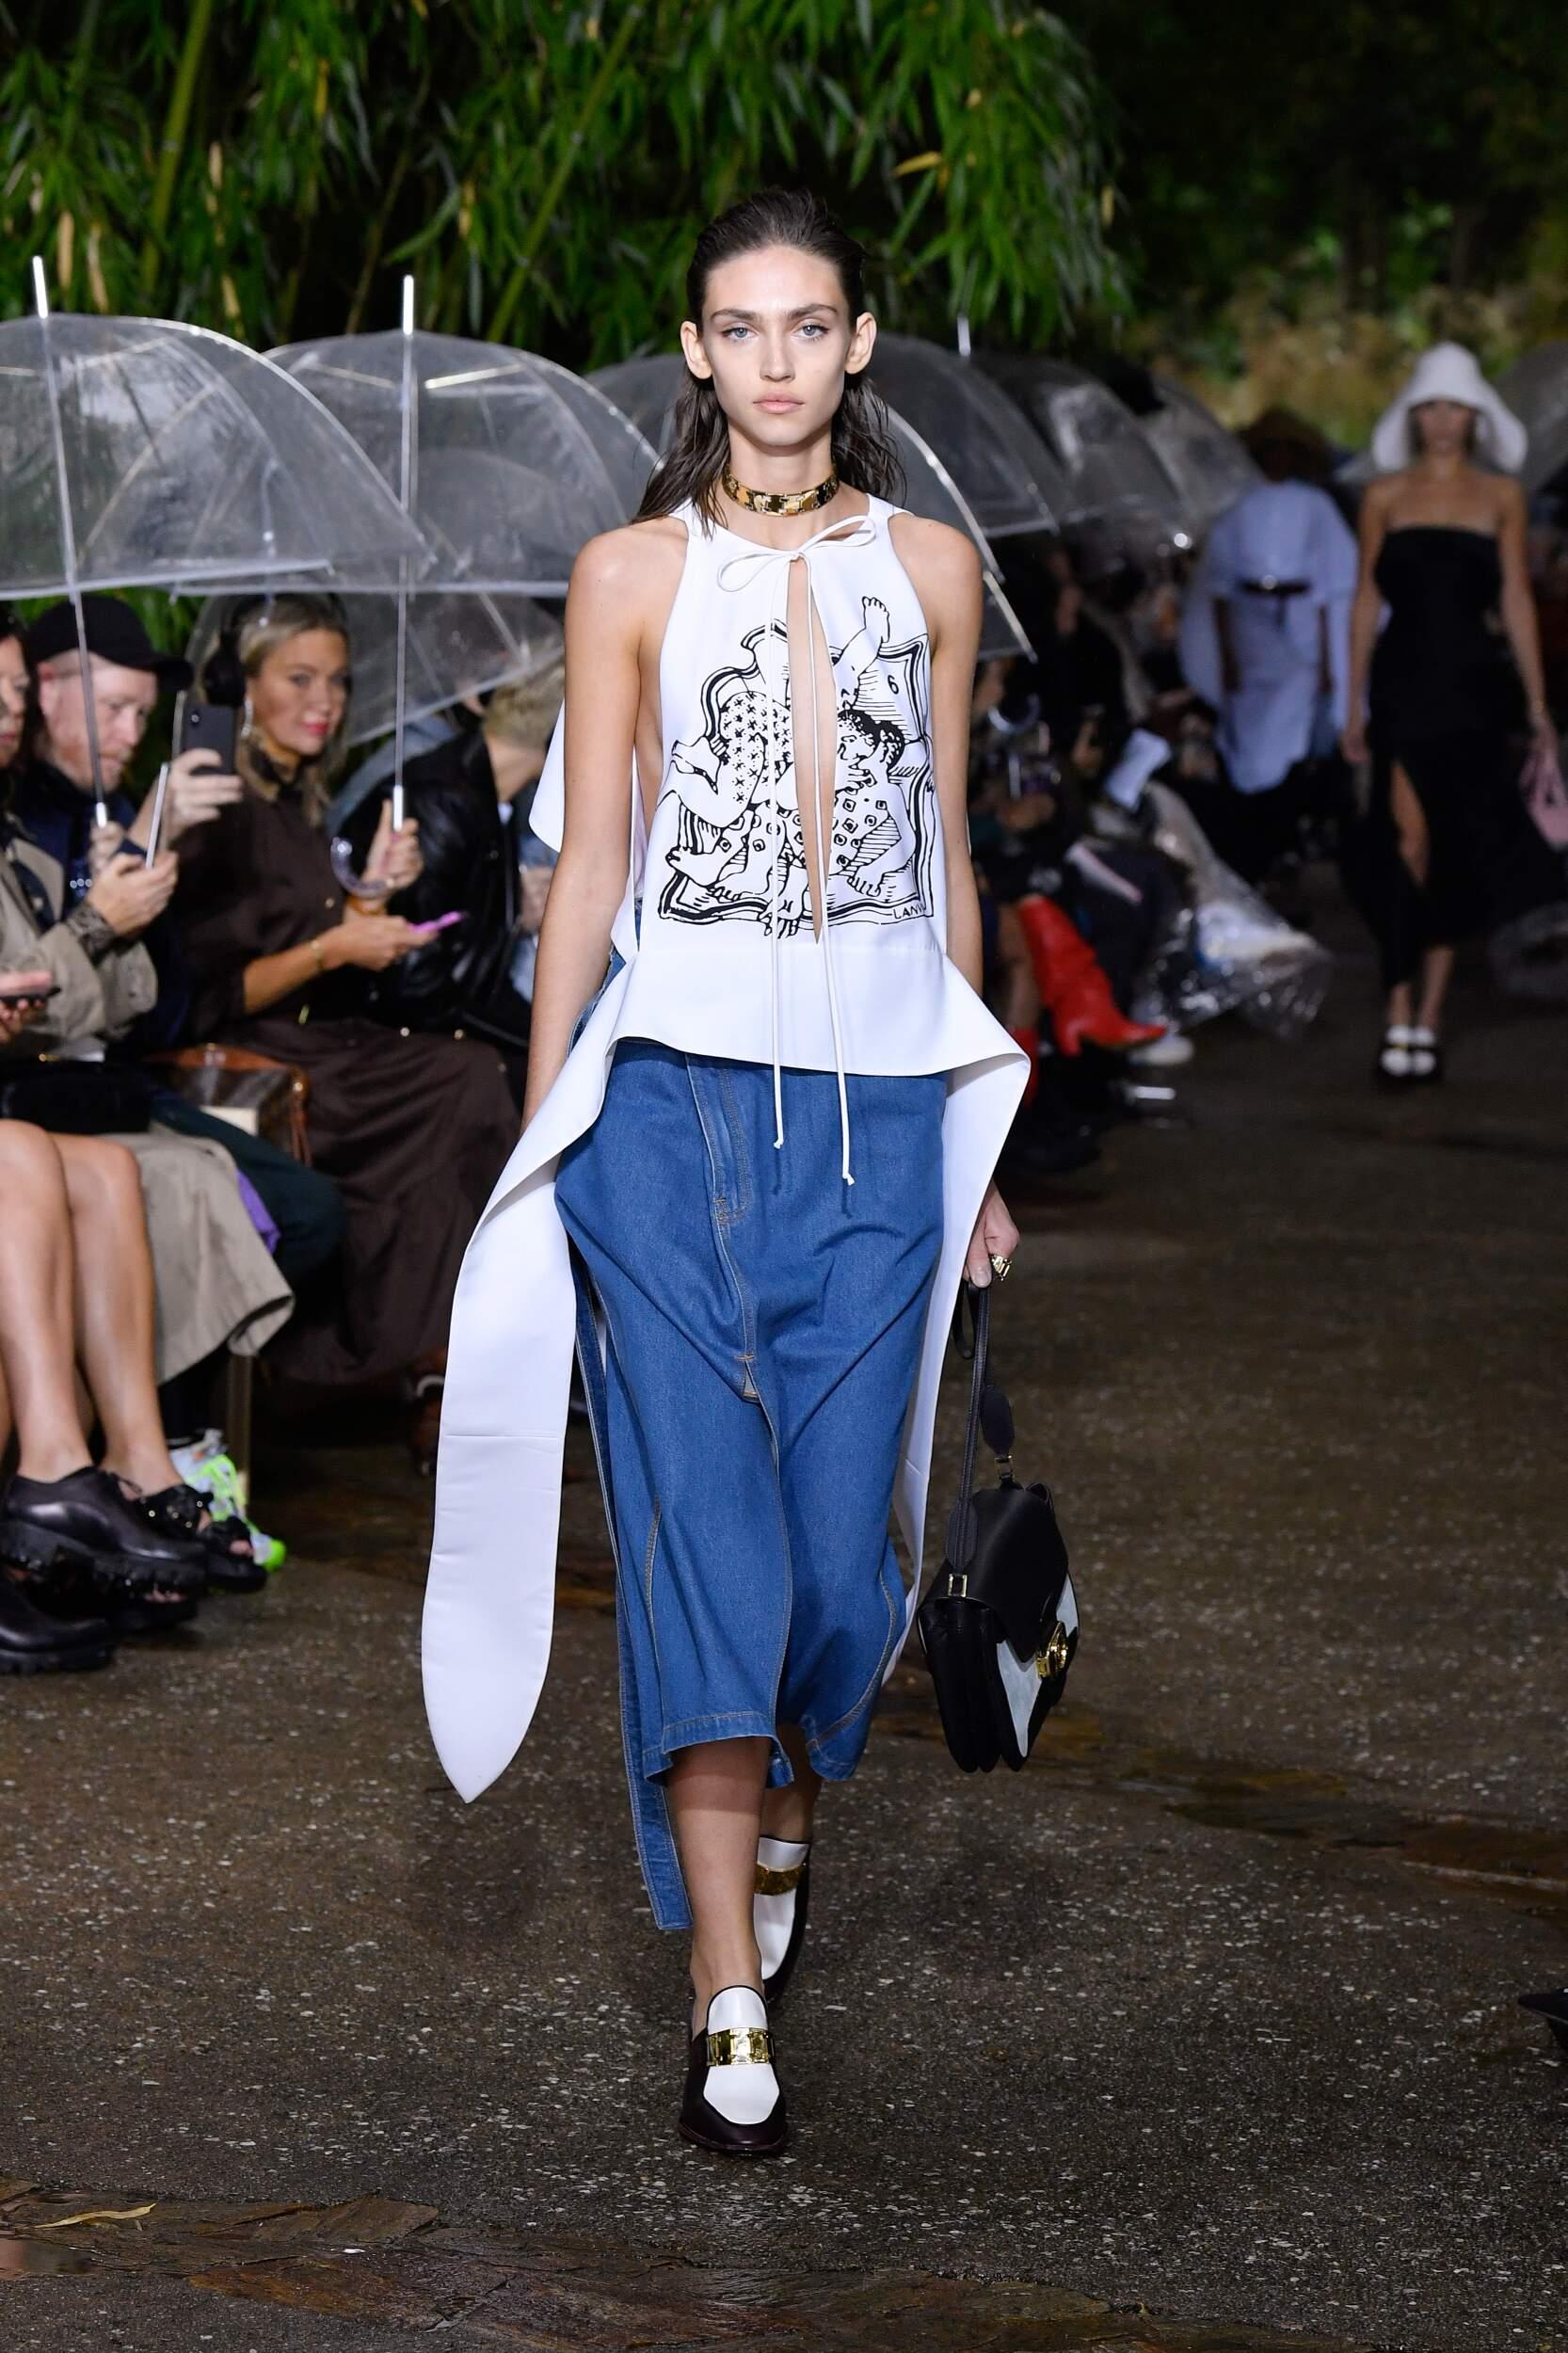 Fashion Model Woman Lanvin Catwalk